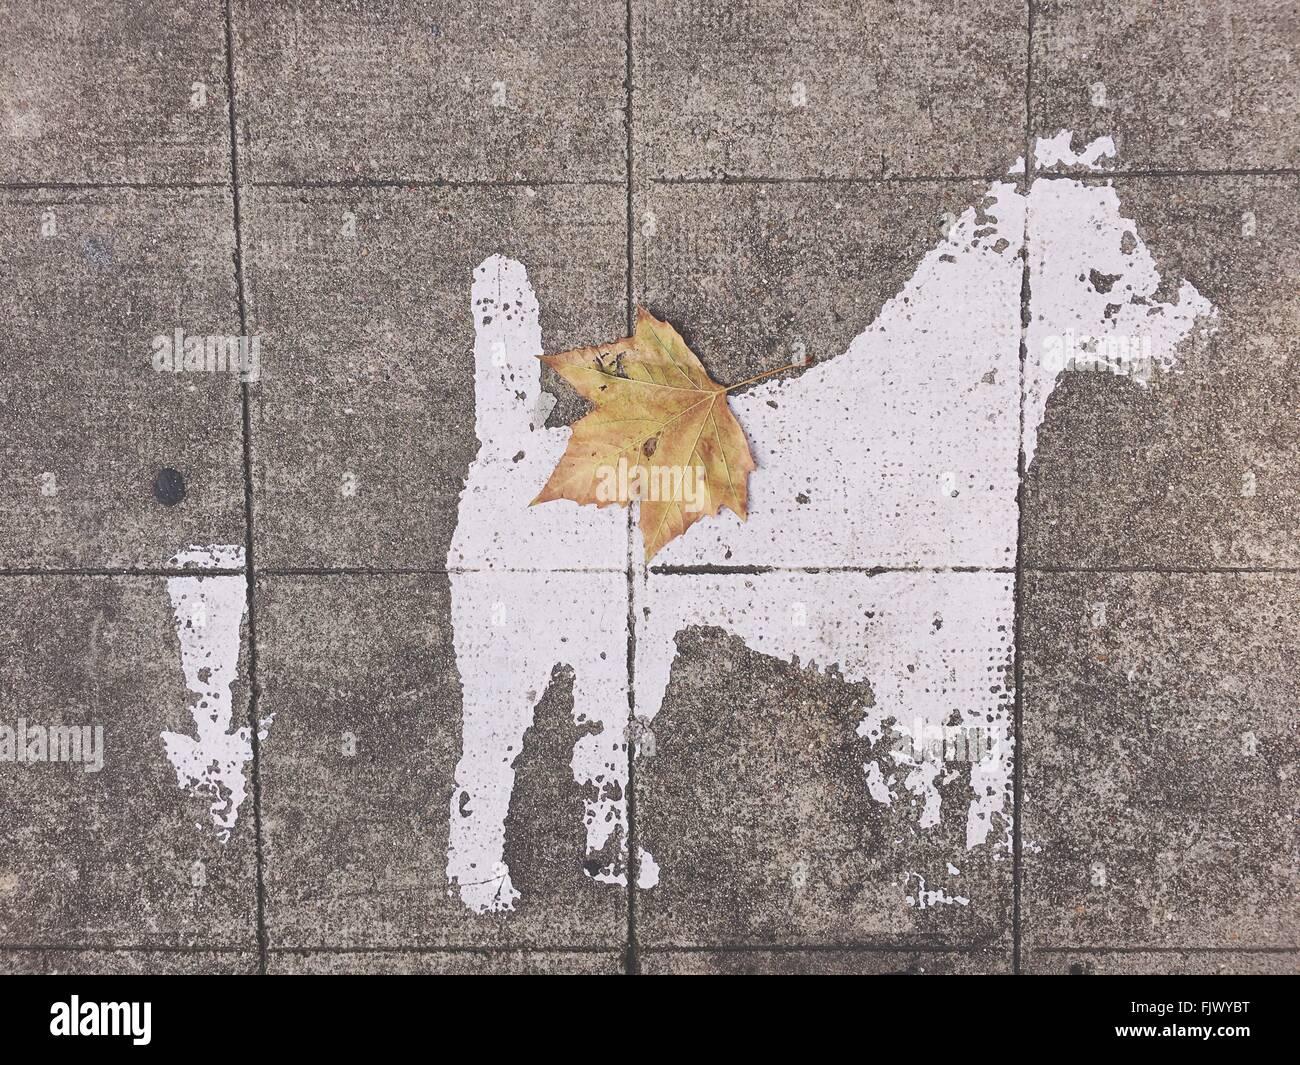 Directamente encima de la vista de perro firmar por el símbolo de flecha sobre la acera Imagen De Stock